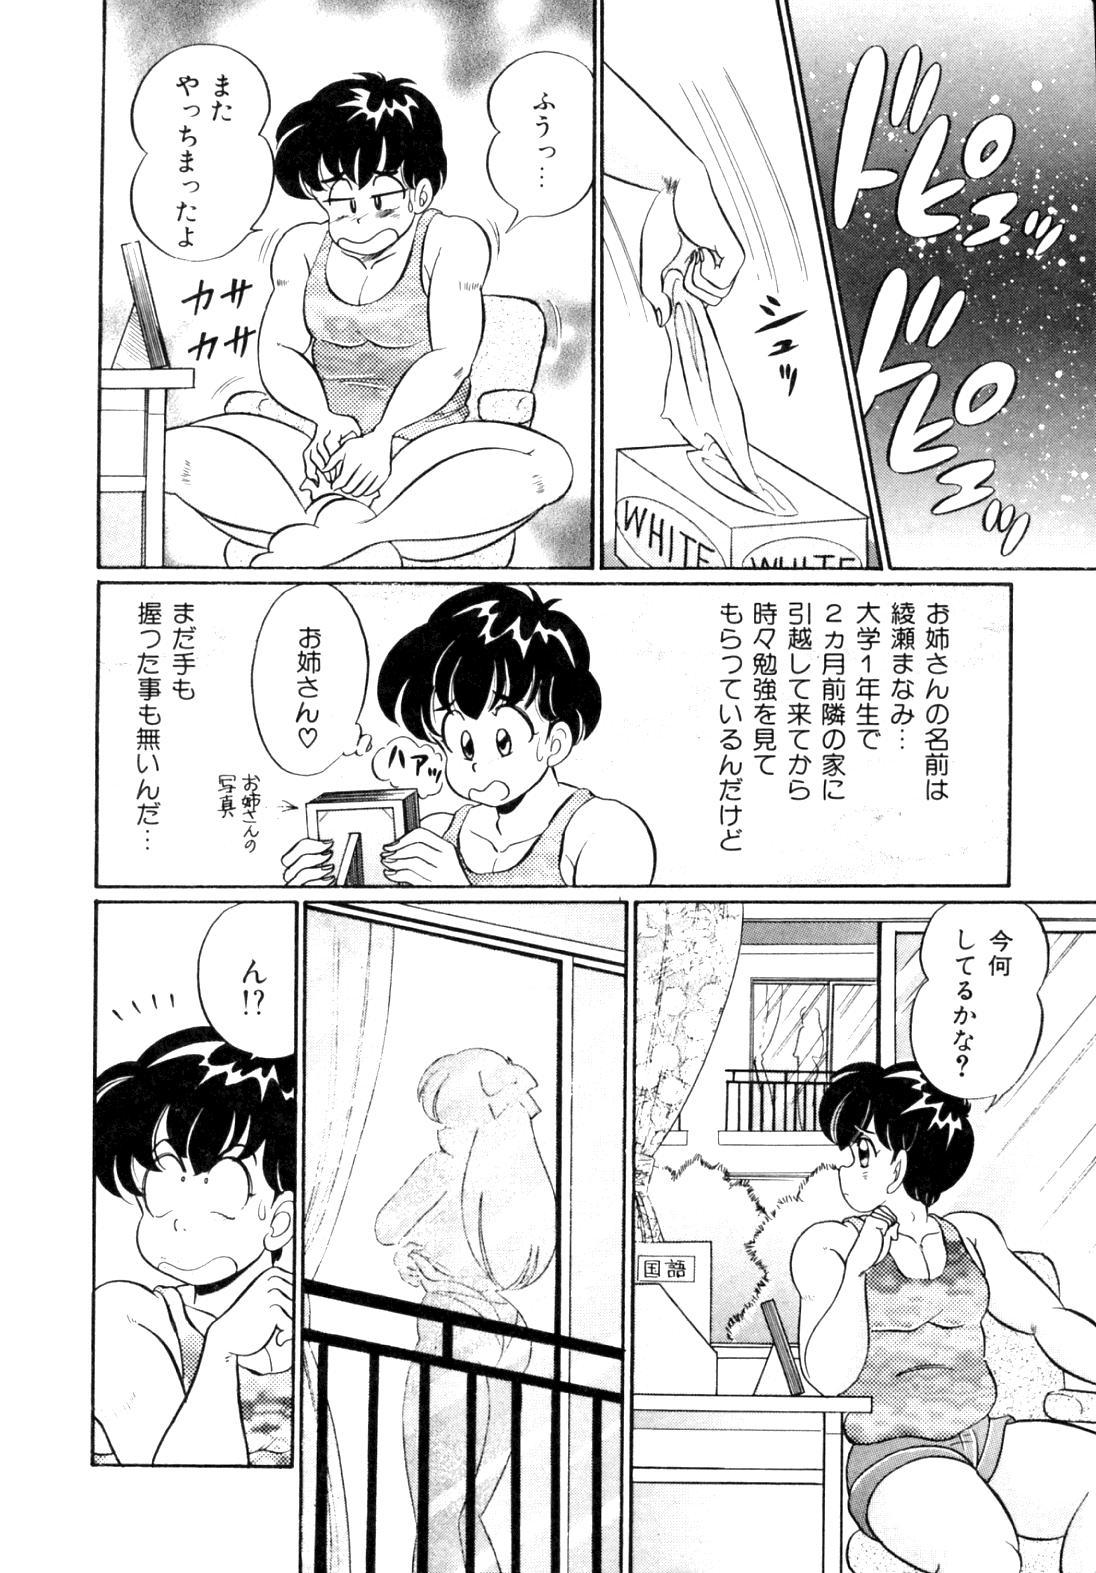 [Watanabe Wataru] Tonari no Onee-san - Sister of Neighborhood 11